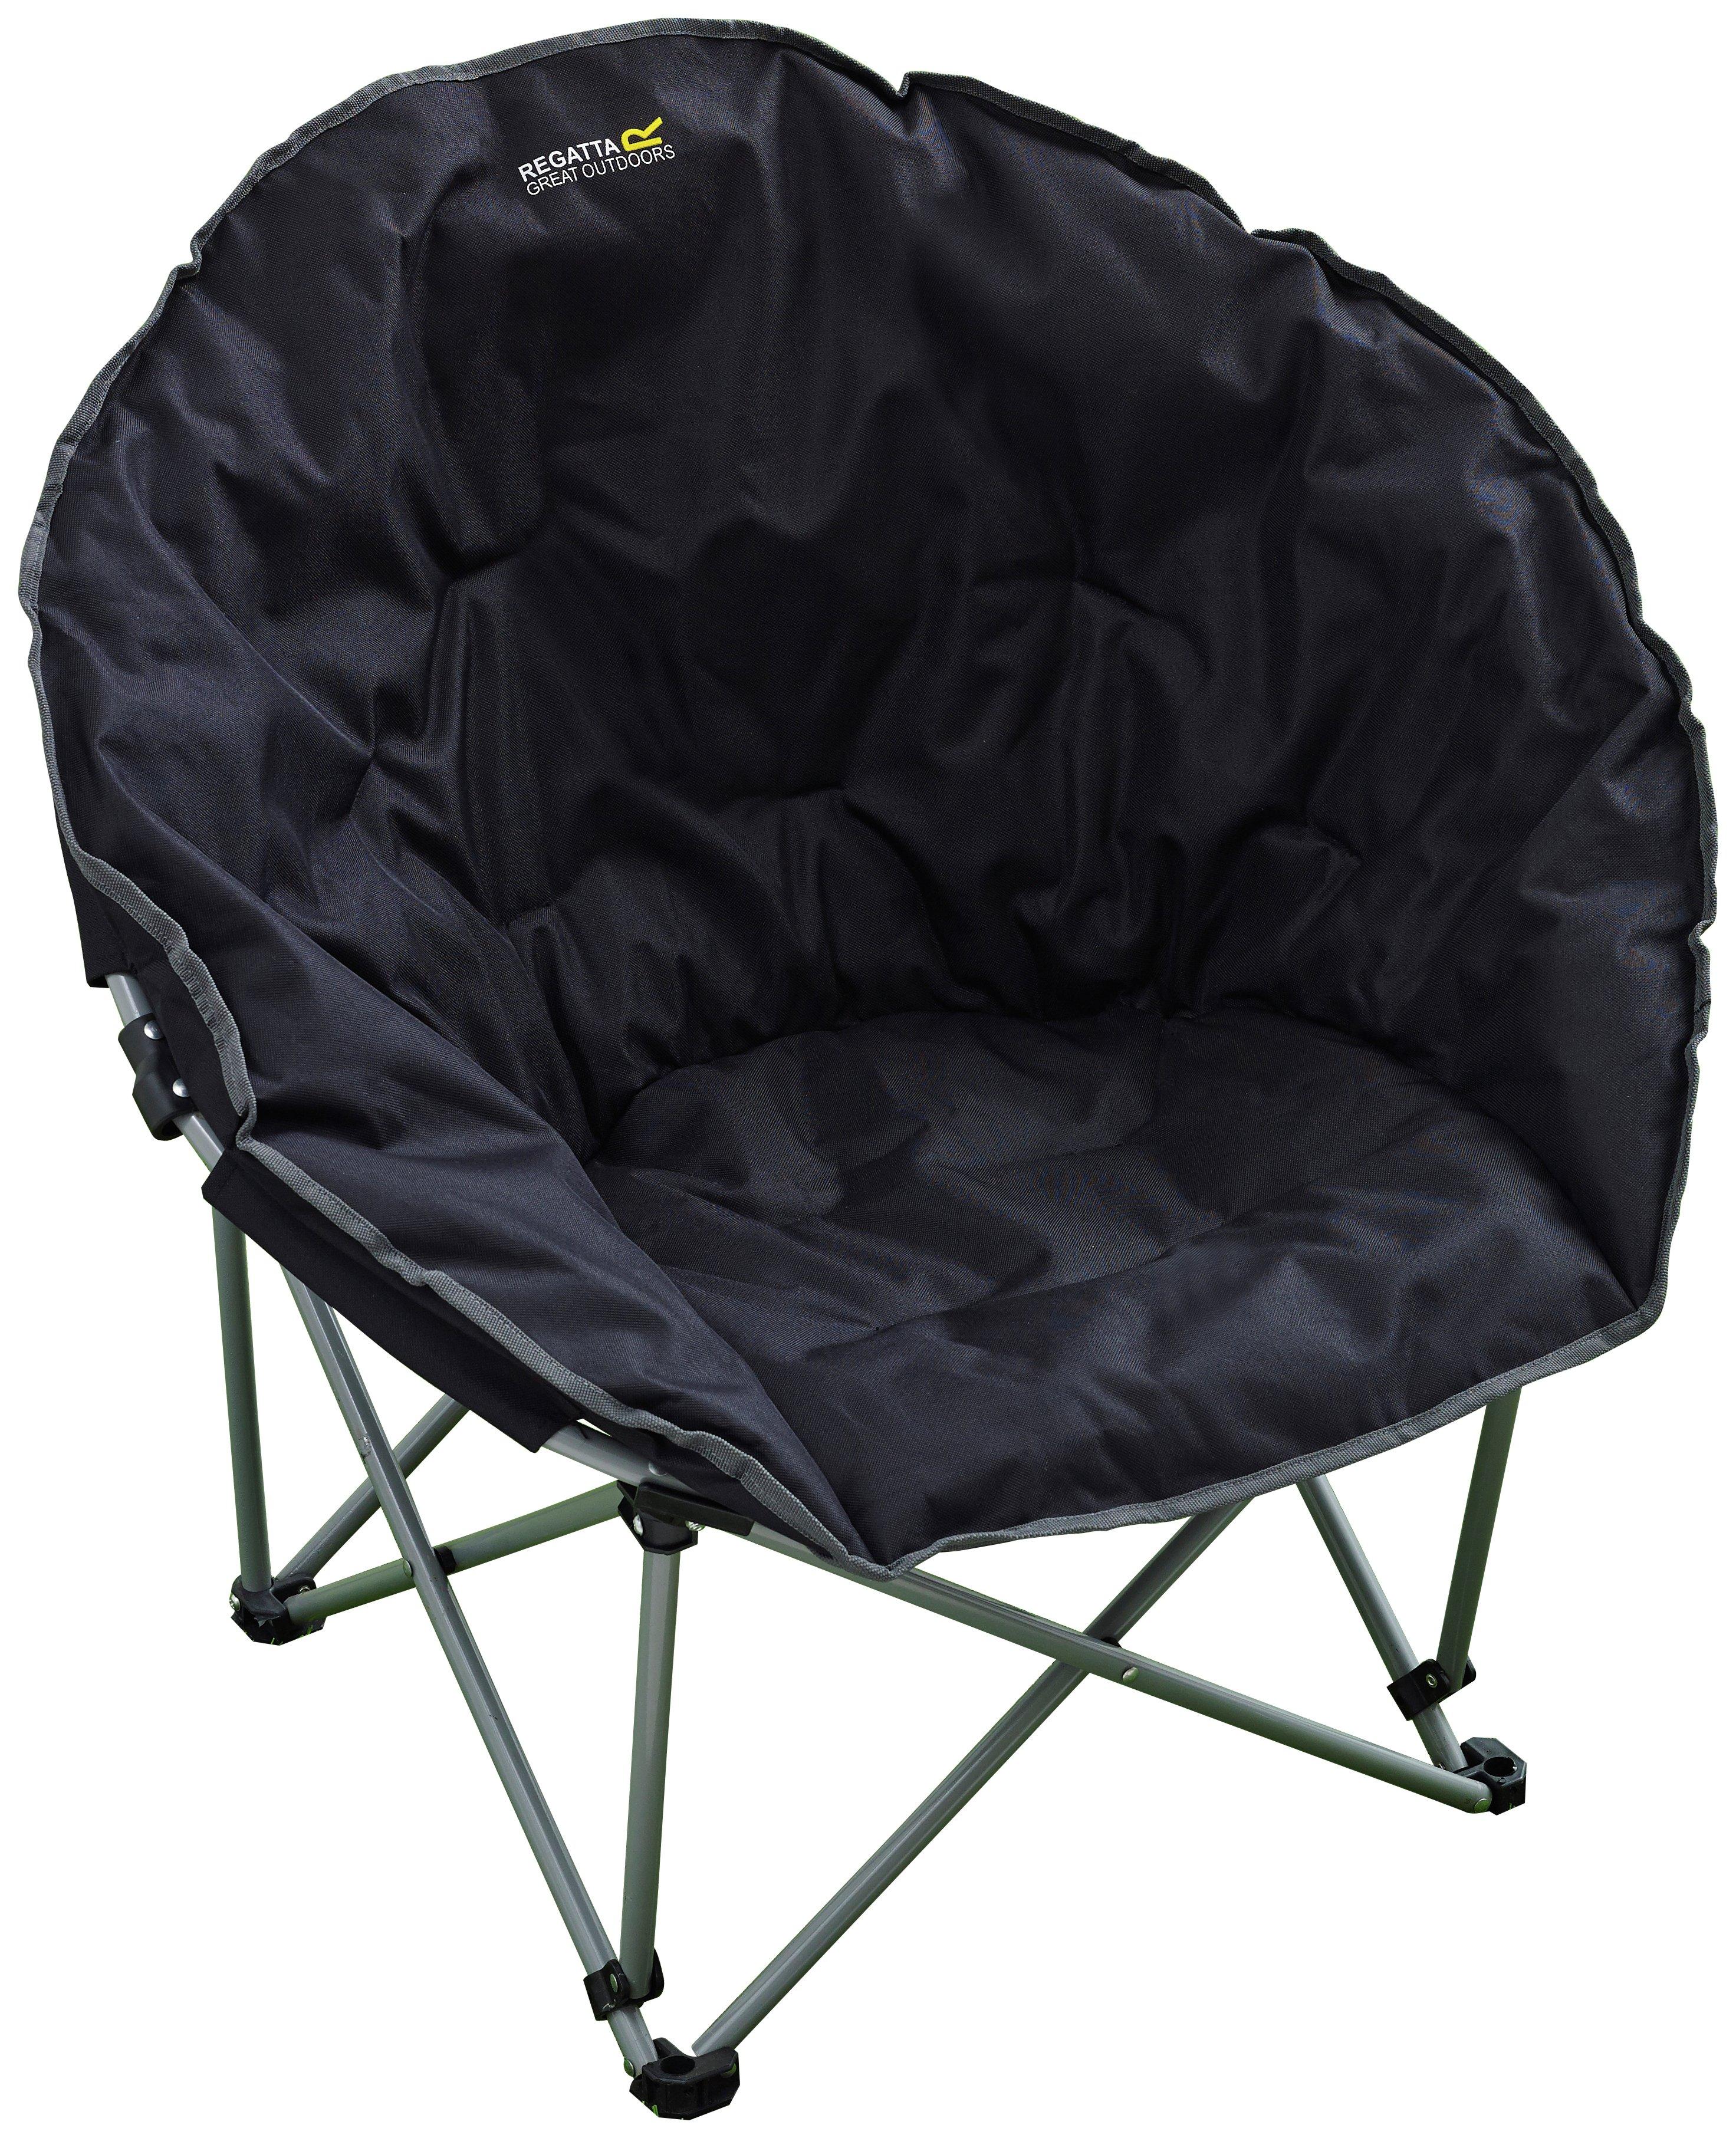 Regatta Black Castillo Camping Chair